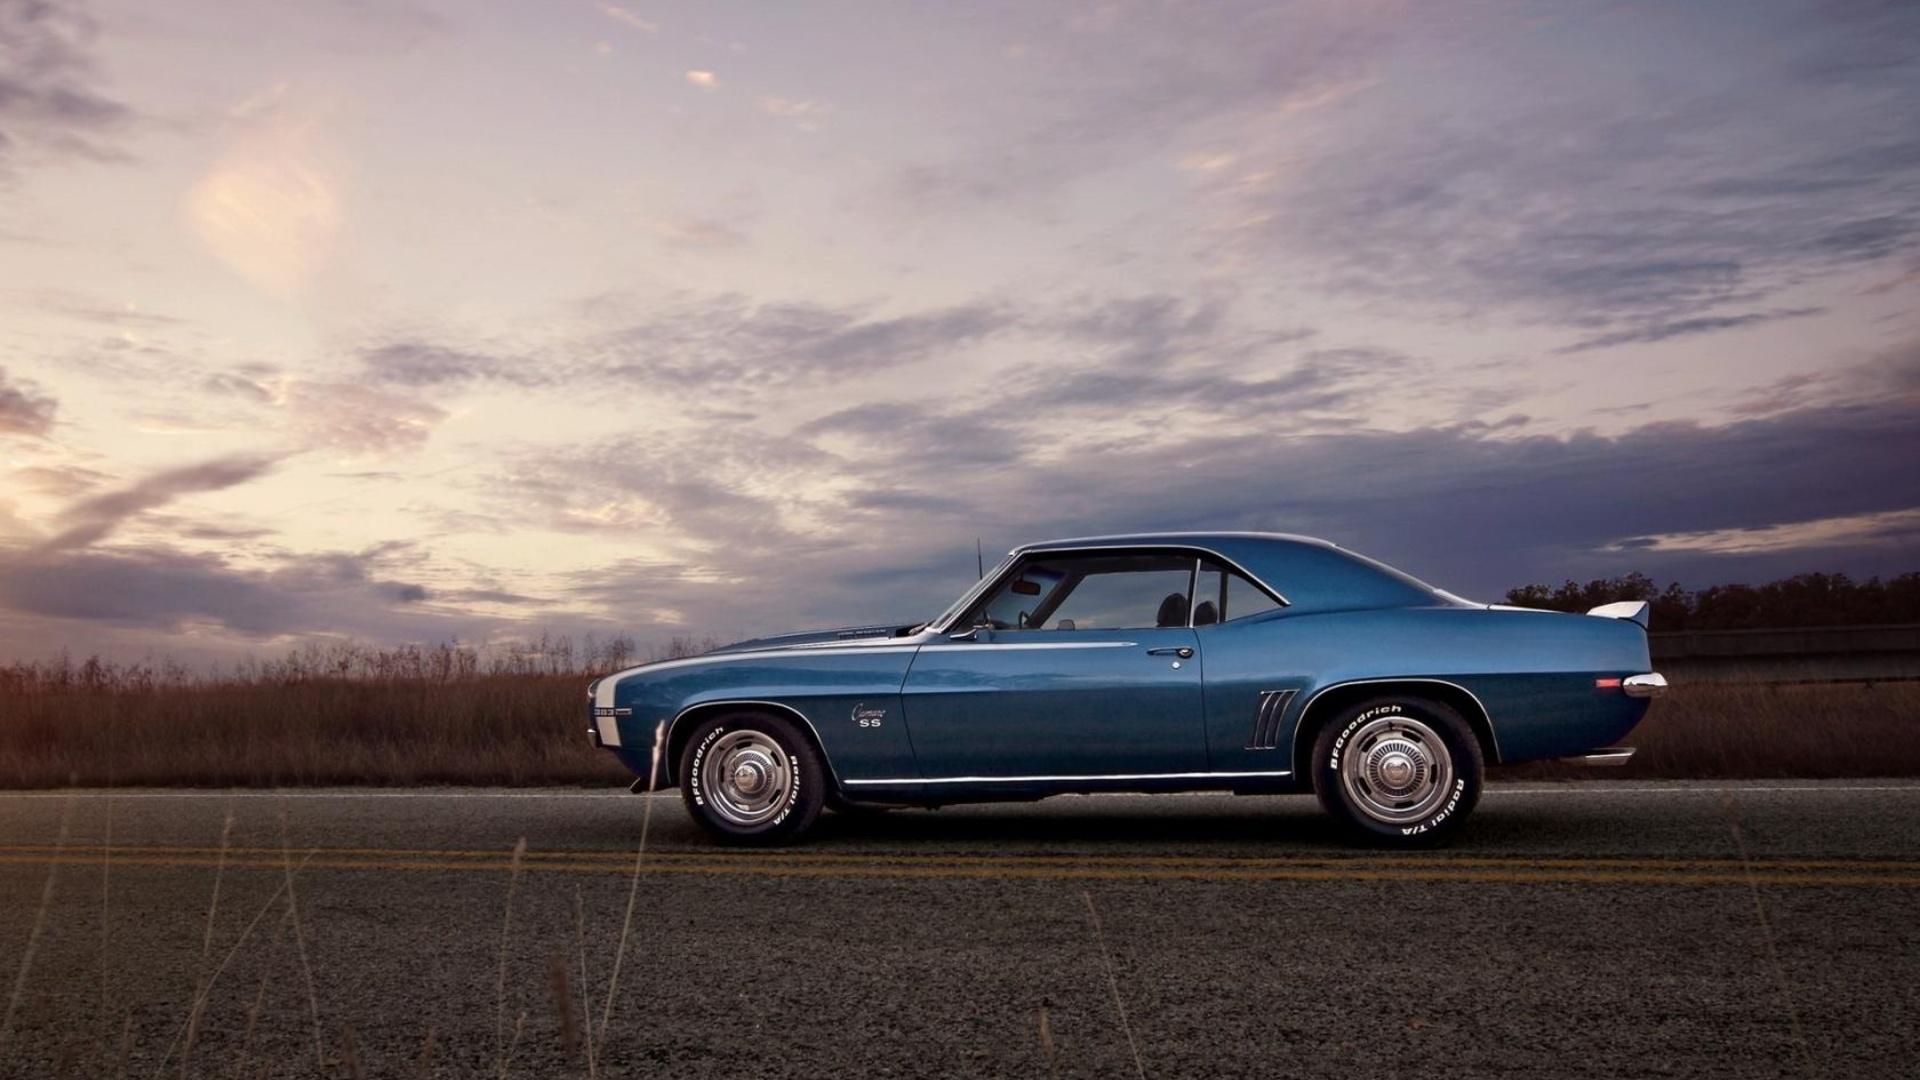 Chevrolet Camaro Ss Fondo De Pantalla Hd Fondo De